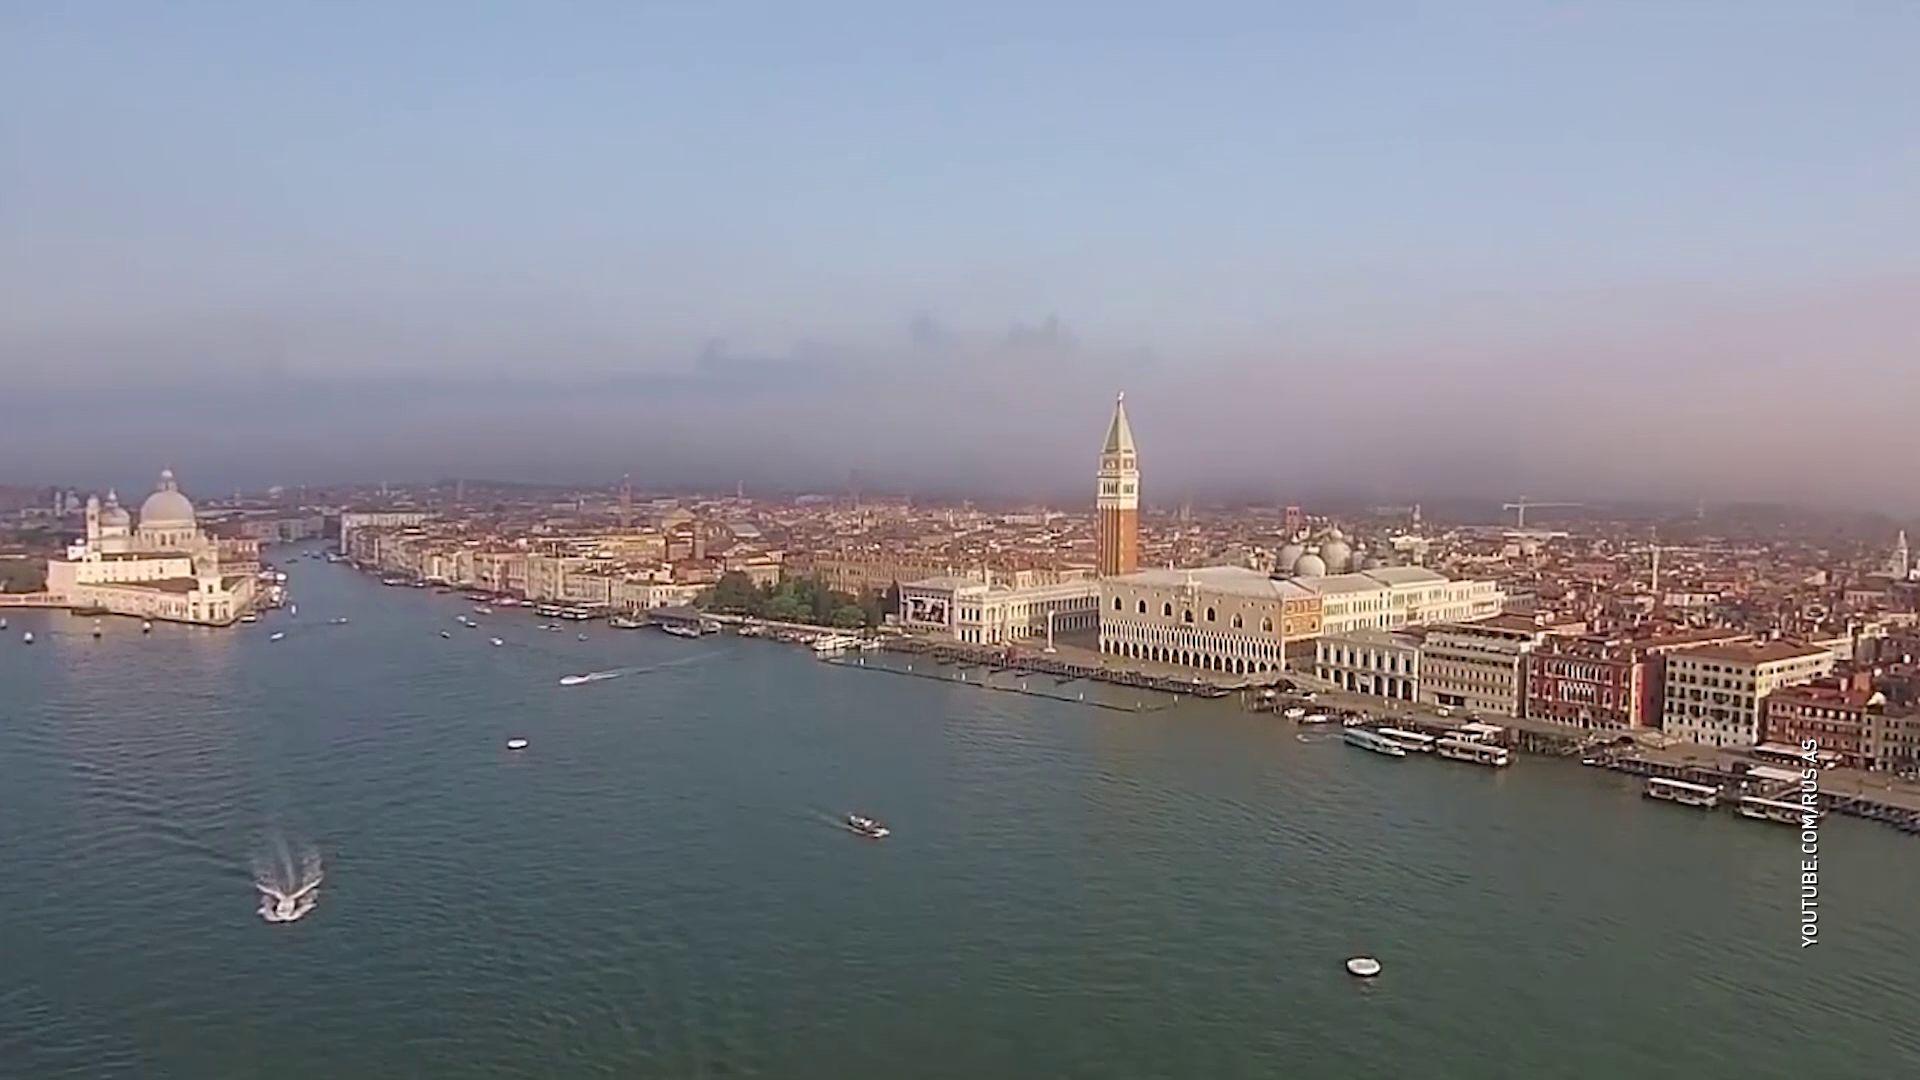 Ростуризм предложил туроператорам приостановить продажи поездок в Италию